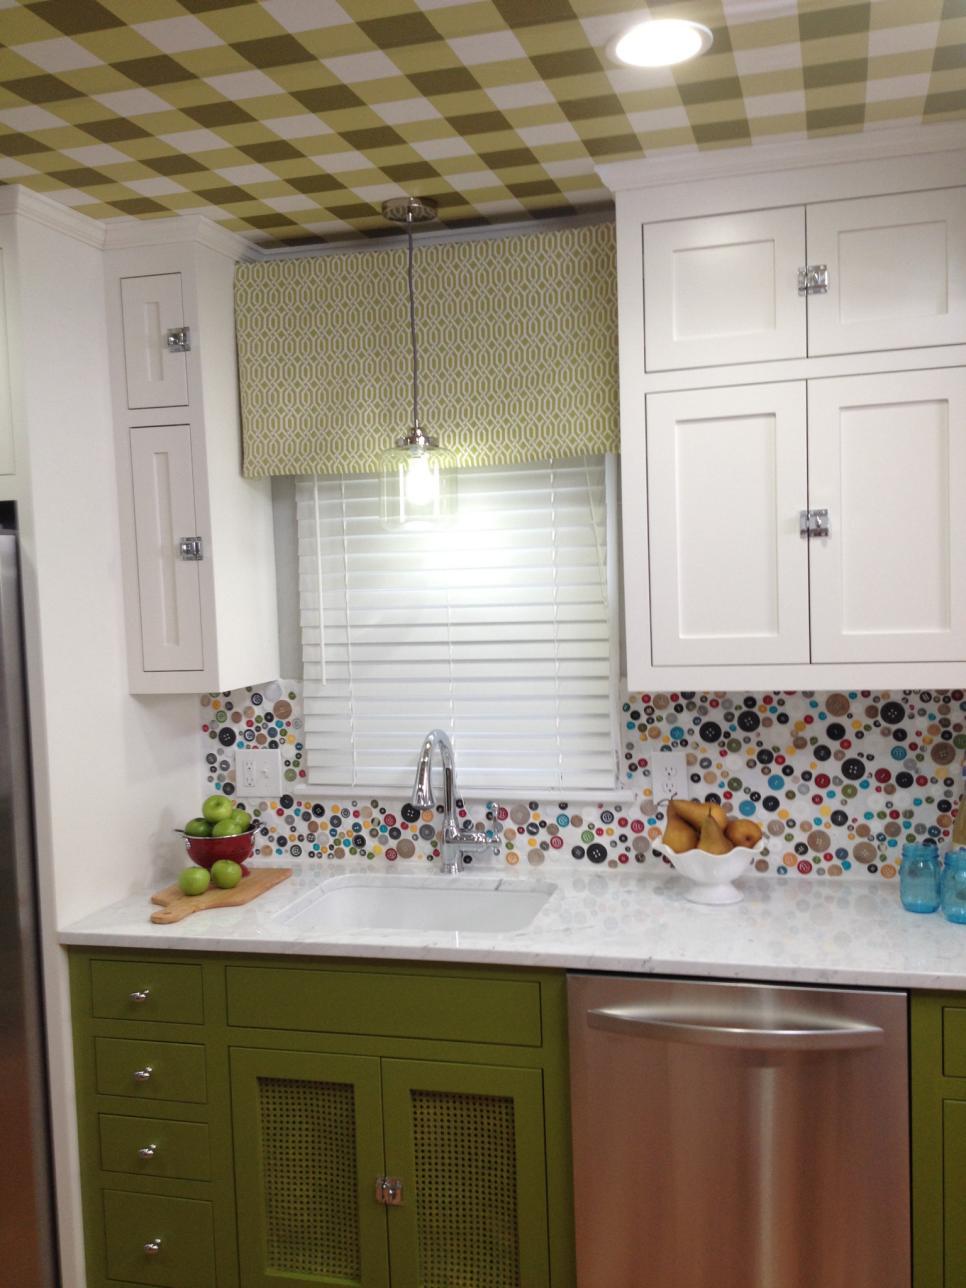 15 creative kitchen backsplash ideas hgtv kitchen creative diy kitchen backsplash ideas image 31